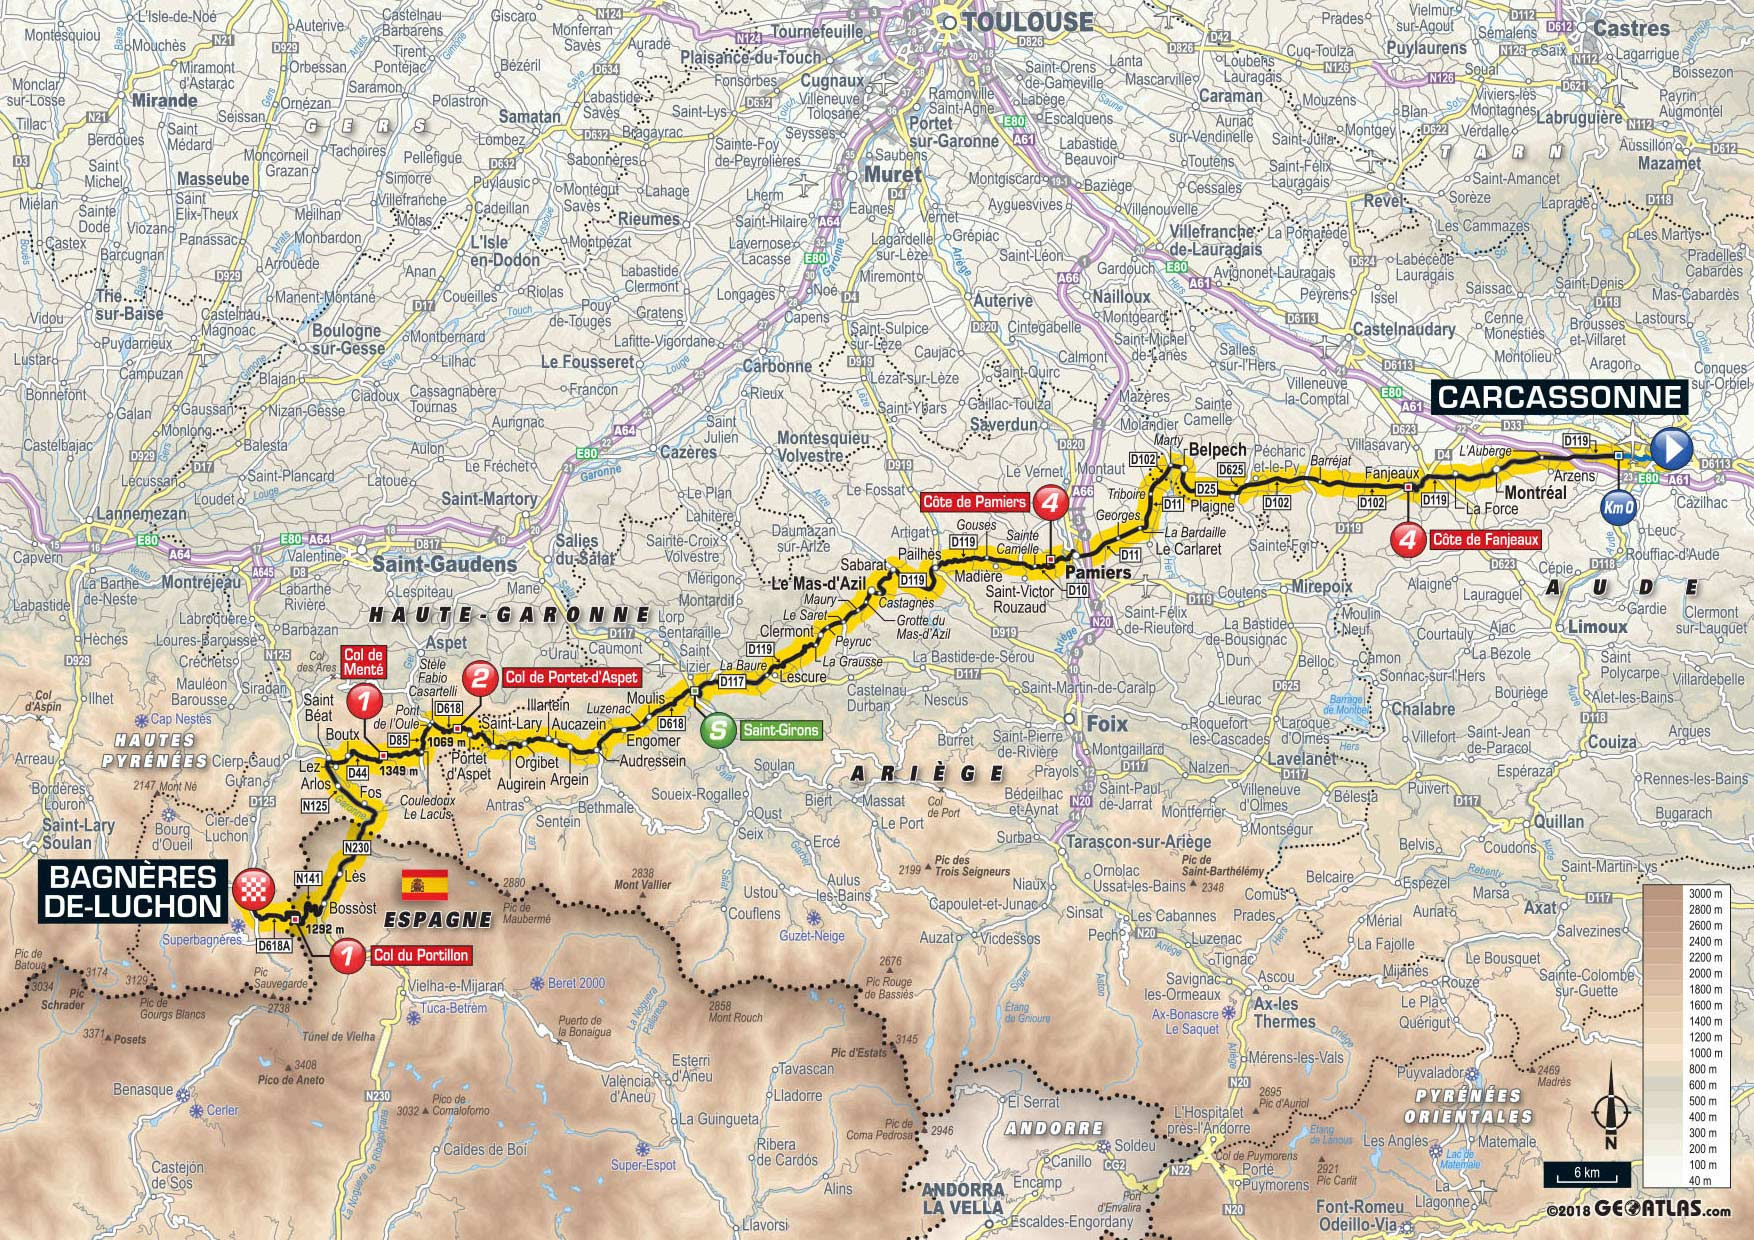 Map Of France Carcassonne.2018 Tour De France Route Freewheeling France